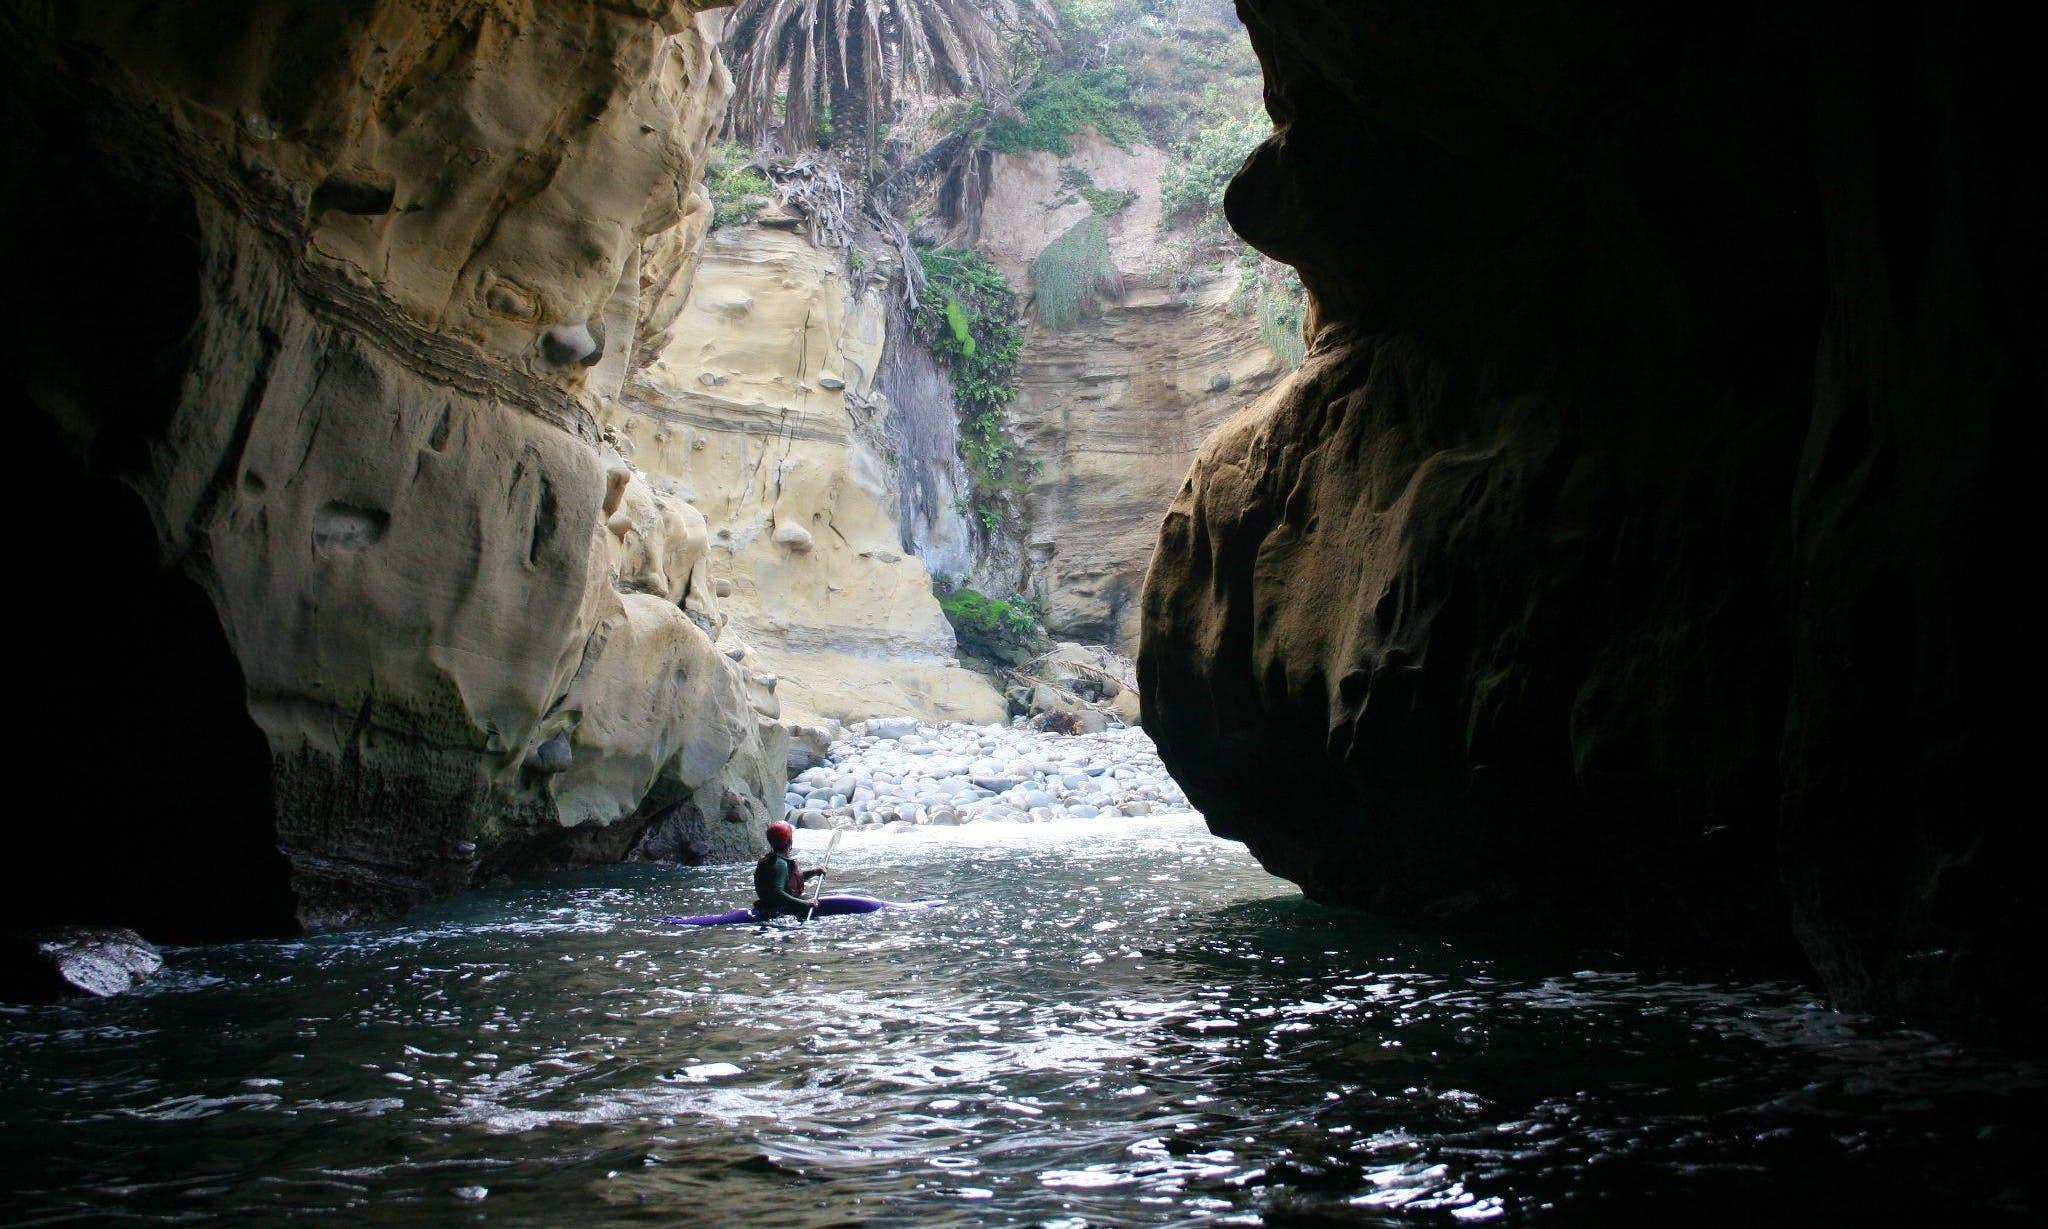 Single Malibu Kayak Rental and Tours in Eureka